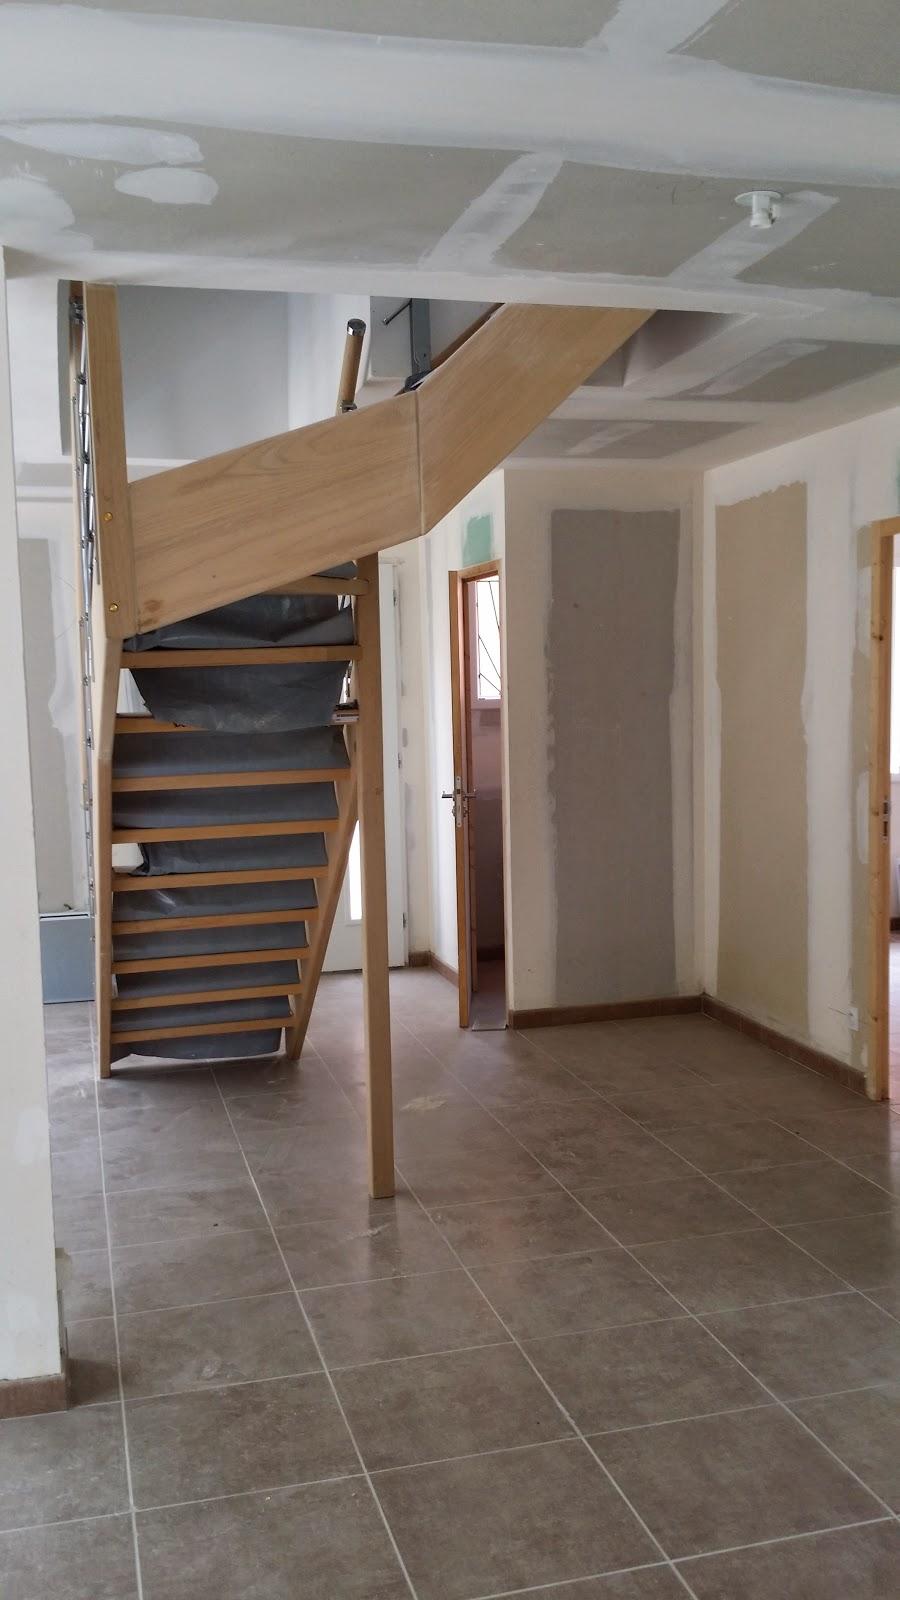 Ma maison avec demeures d 39 occitanie petit topo du 13 for Entree de maison avec escalier